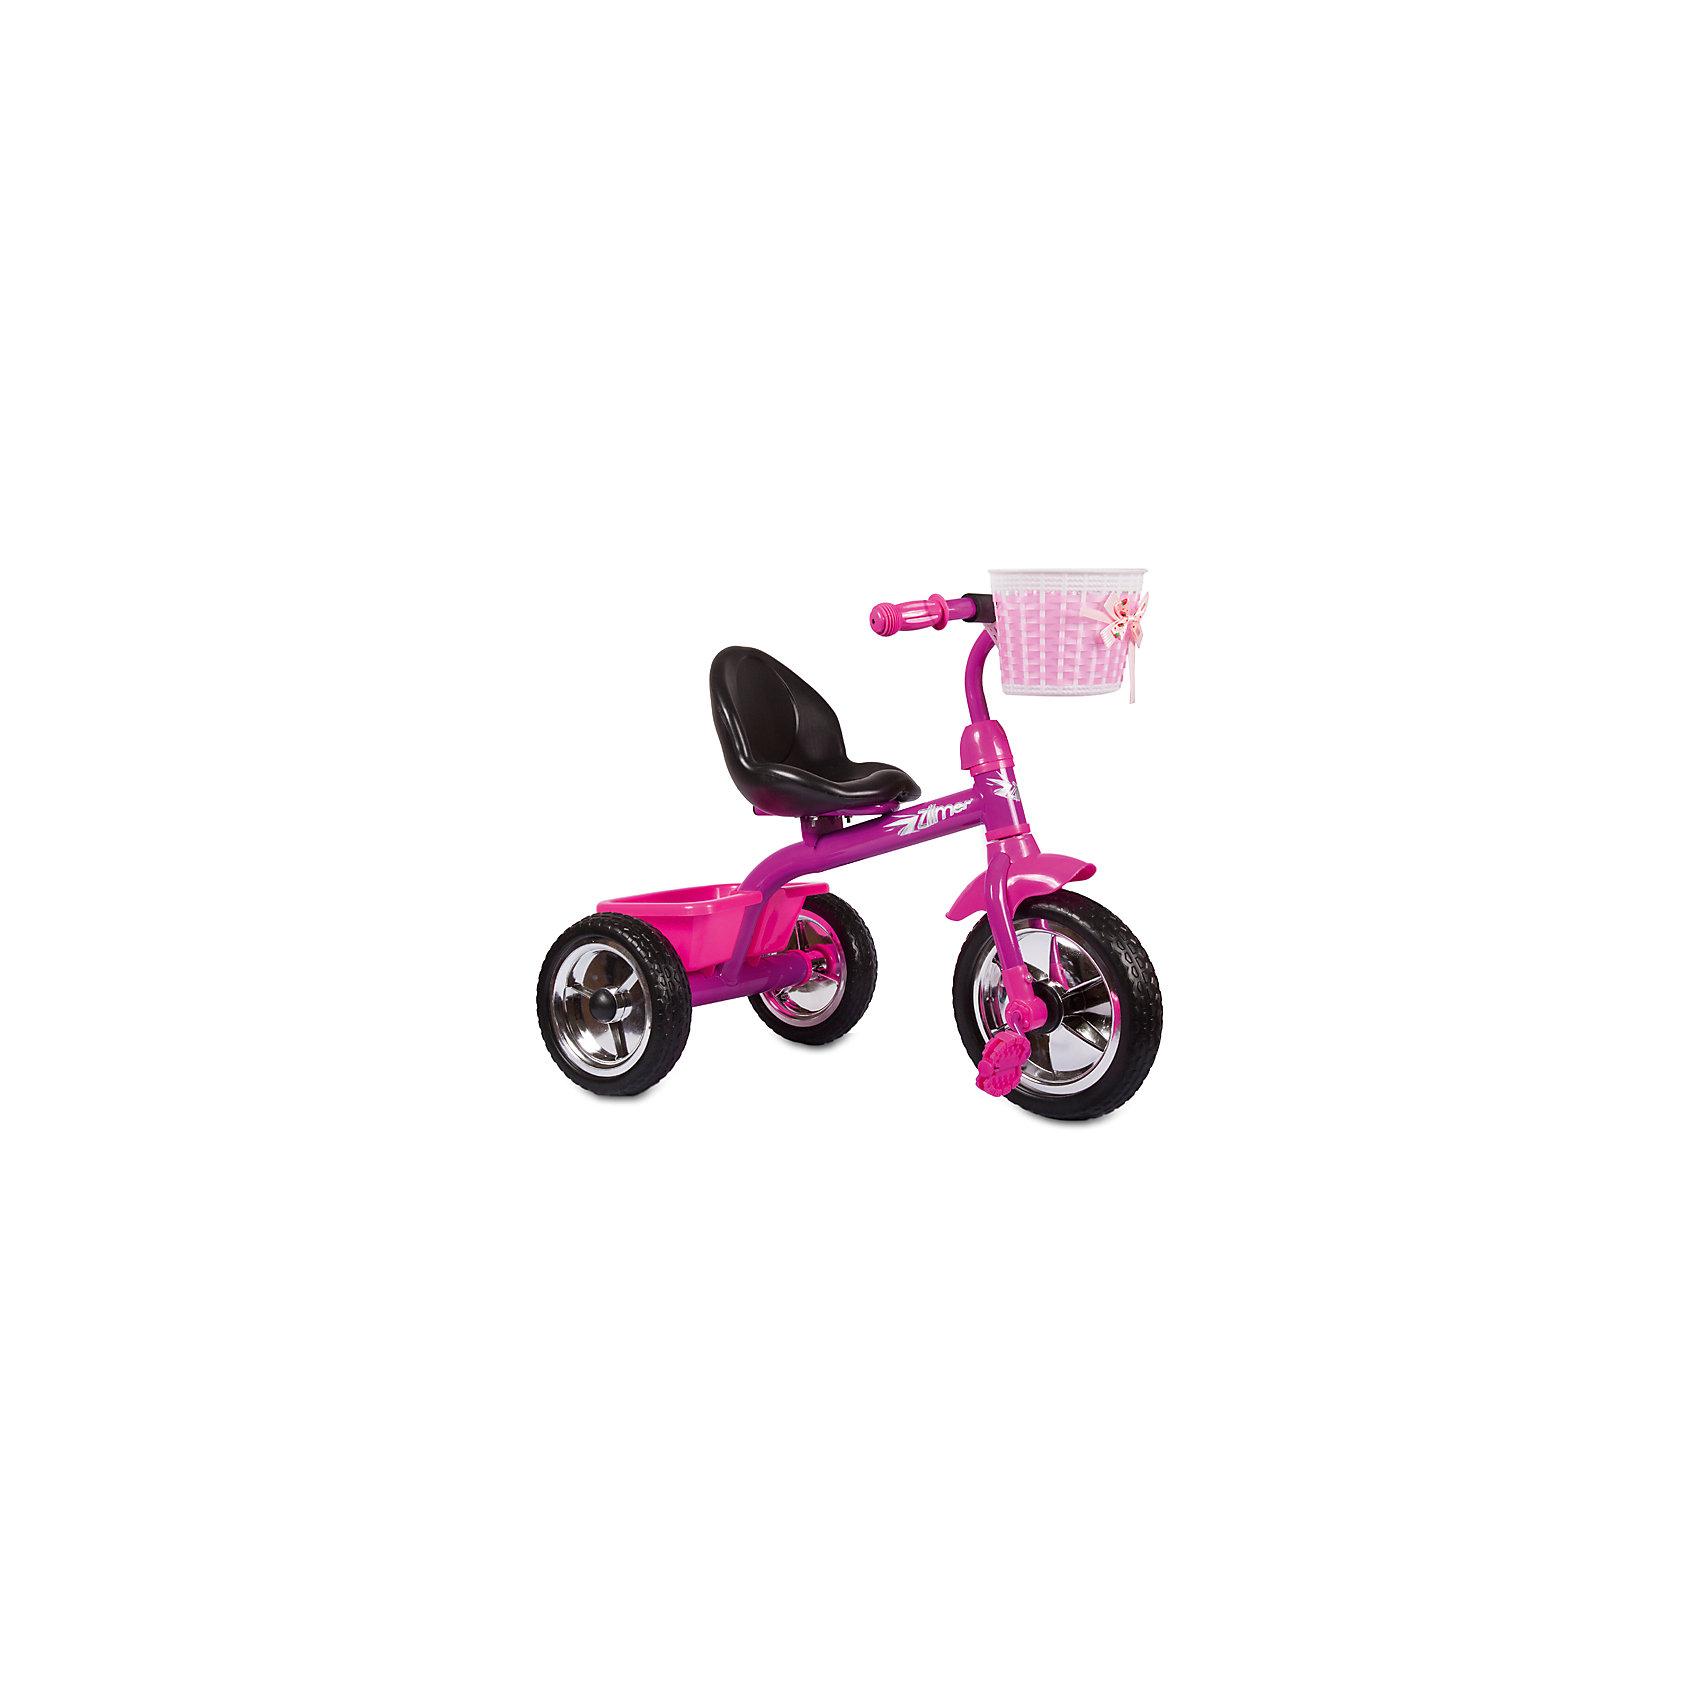 Трехколесный велосипед Сильвер Люкс, розовый, ZilmerВелосипеды детские<br>Велосипед Zilmer Сильвер Люкс (3 колеса EVA 10/8, сталь, спинка, 2 корзины, розов.)        Трёхколёсный велосипед Zilmer!<br>Основные особенности данной модели: колёса EVA, удобное сиденье, две вместительные корзинки. Руль оснащён мягкой накладкой.<br>В корзинку можно сложить необходимые для прогулки вещи. Велосипед сделан из надёжных и безопасных материалов. Яркий цвет  и привлекательный внешний вид обращают на себя внимание.<br>Преимущества:<br>Удобный руль с мягкой накладкой<br>Две корзинки<br>Яркий цвет<br>Вес 1 шт.: 3 кг<br><br>Ширина мм: 300<br>Глубина мм: 225<br>Высота мм: 200<br>Вес г: 4250<br>Возраст от месяцев: 12<br>Возраст до месяцев: 36<br>Пол: Унисекс<br>Возраст: Детский<br>SKU: 4642328